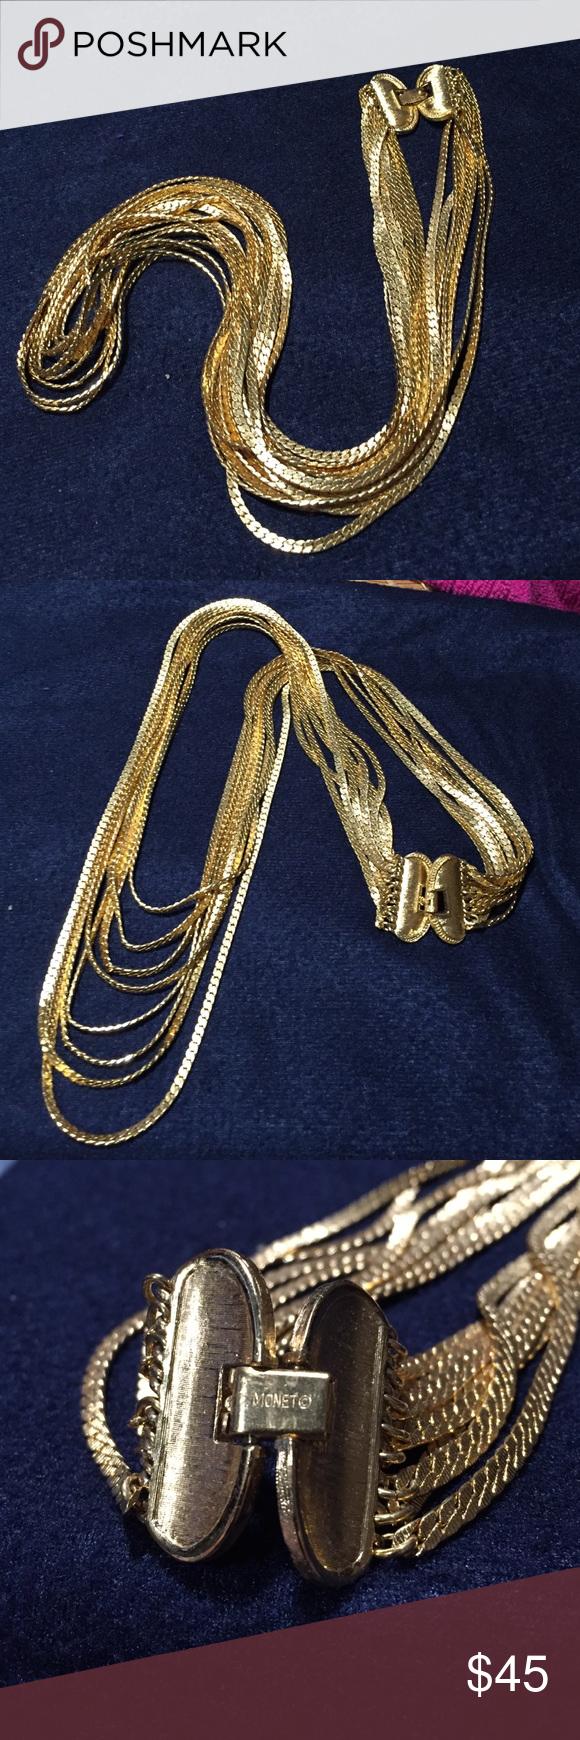 Vintage 80s Monet 8 strand brushed gold necklace Vintage 80s Monet